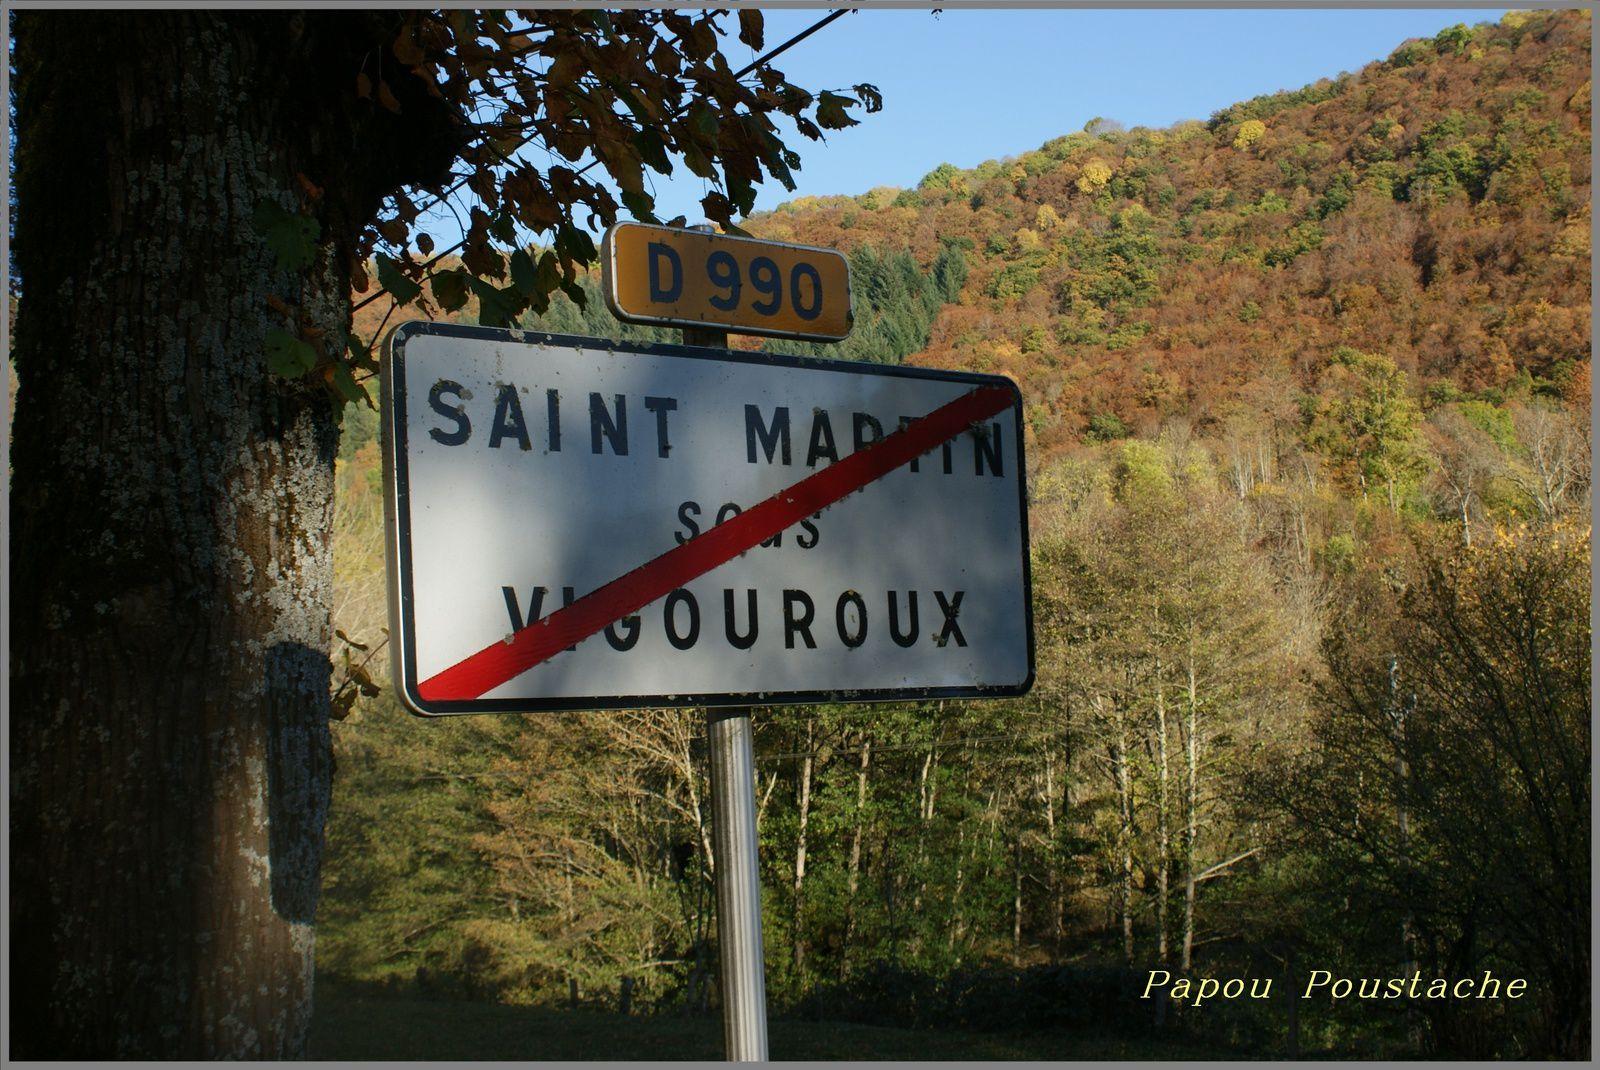 Saint Martin sous Vigouroux